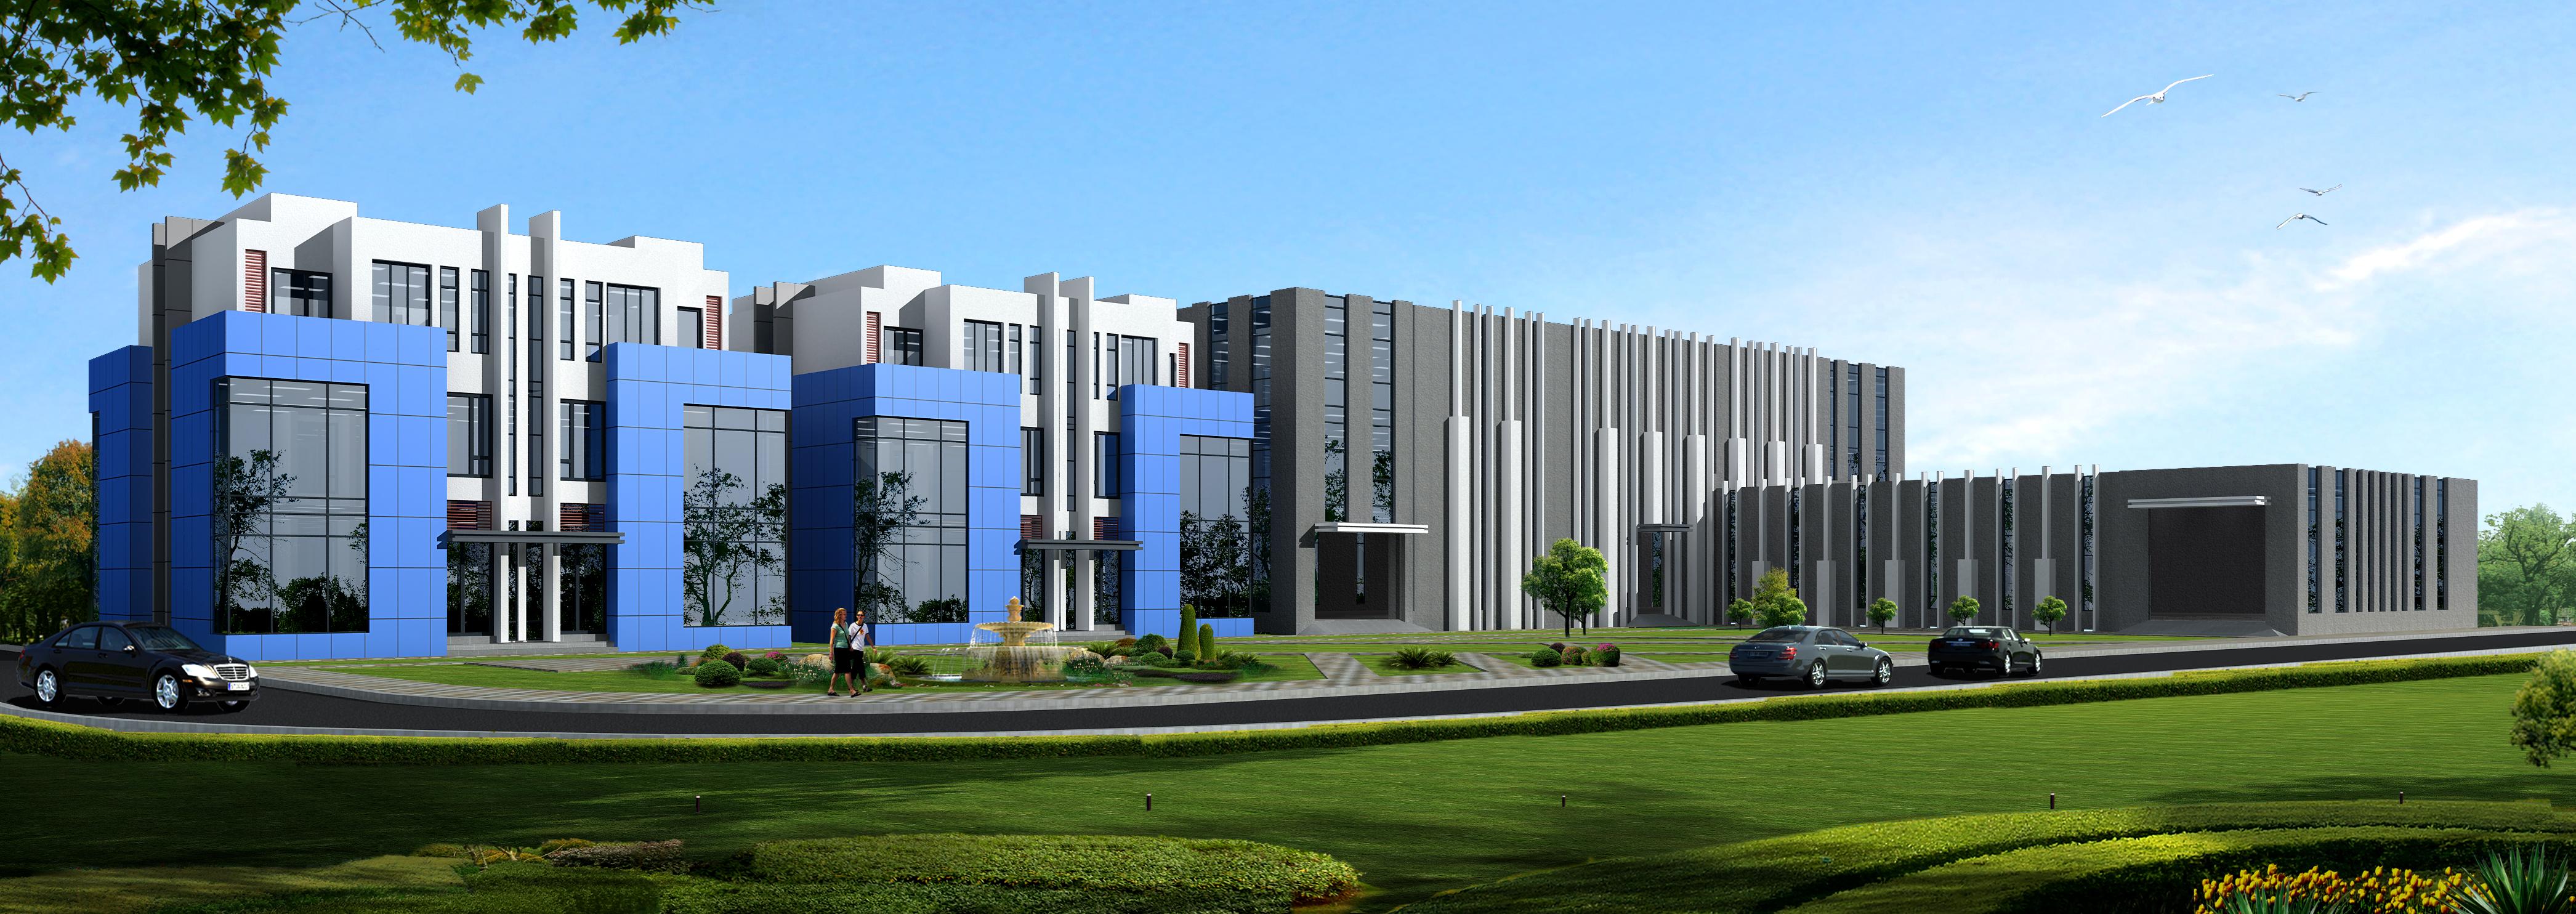 一张自己做的工厂办公楼效果图,求指导.